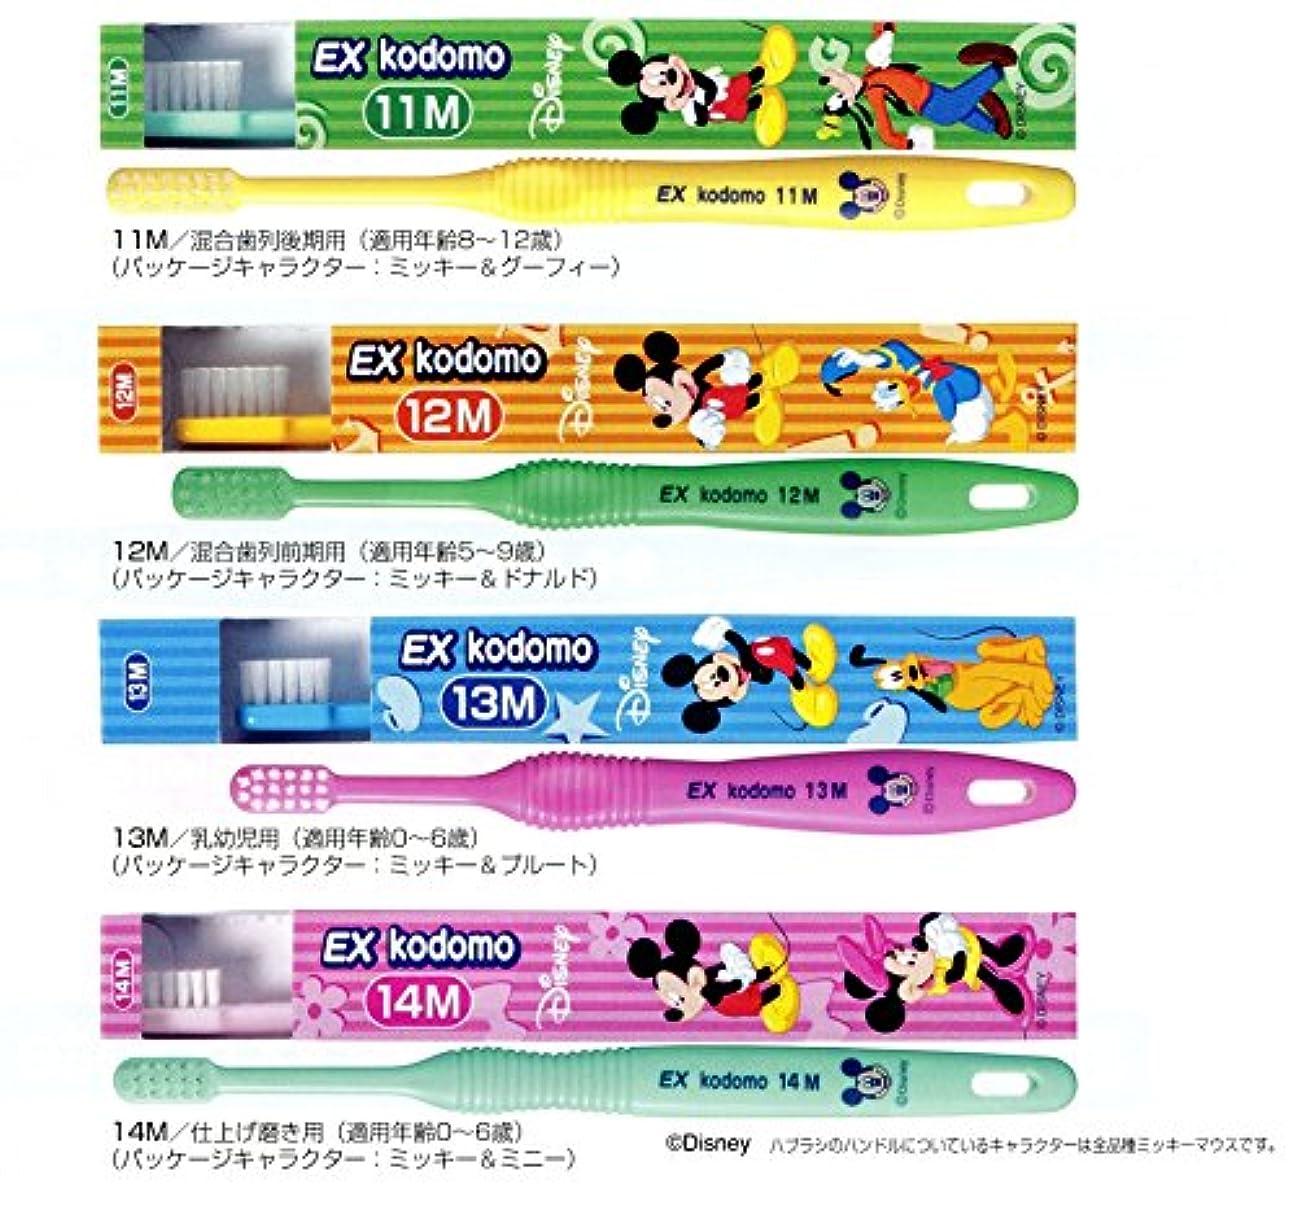 沼地擬人イタリアのライオン コドモ ディズニー DENT.EX kodomo Disney 1本 14M ブルー (仕上げ磨き用?0?6歳)